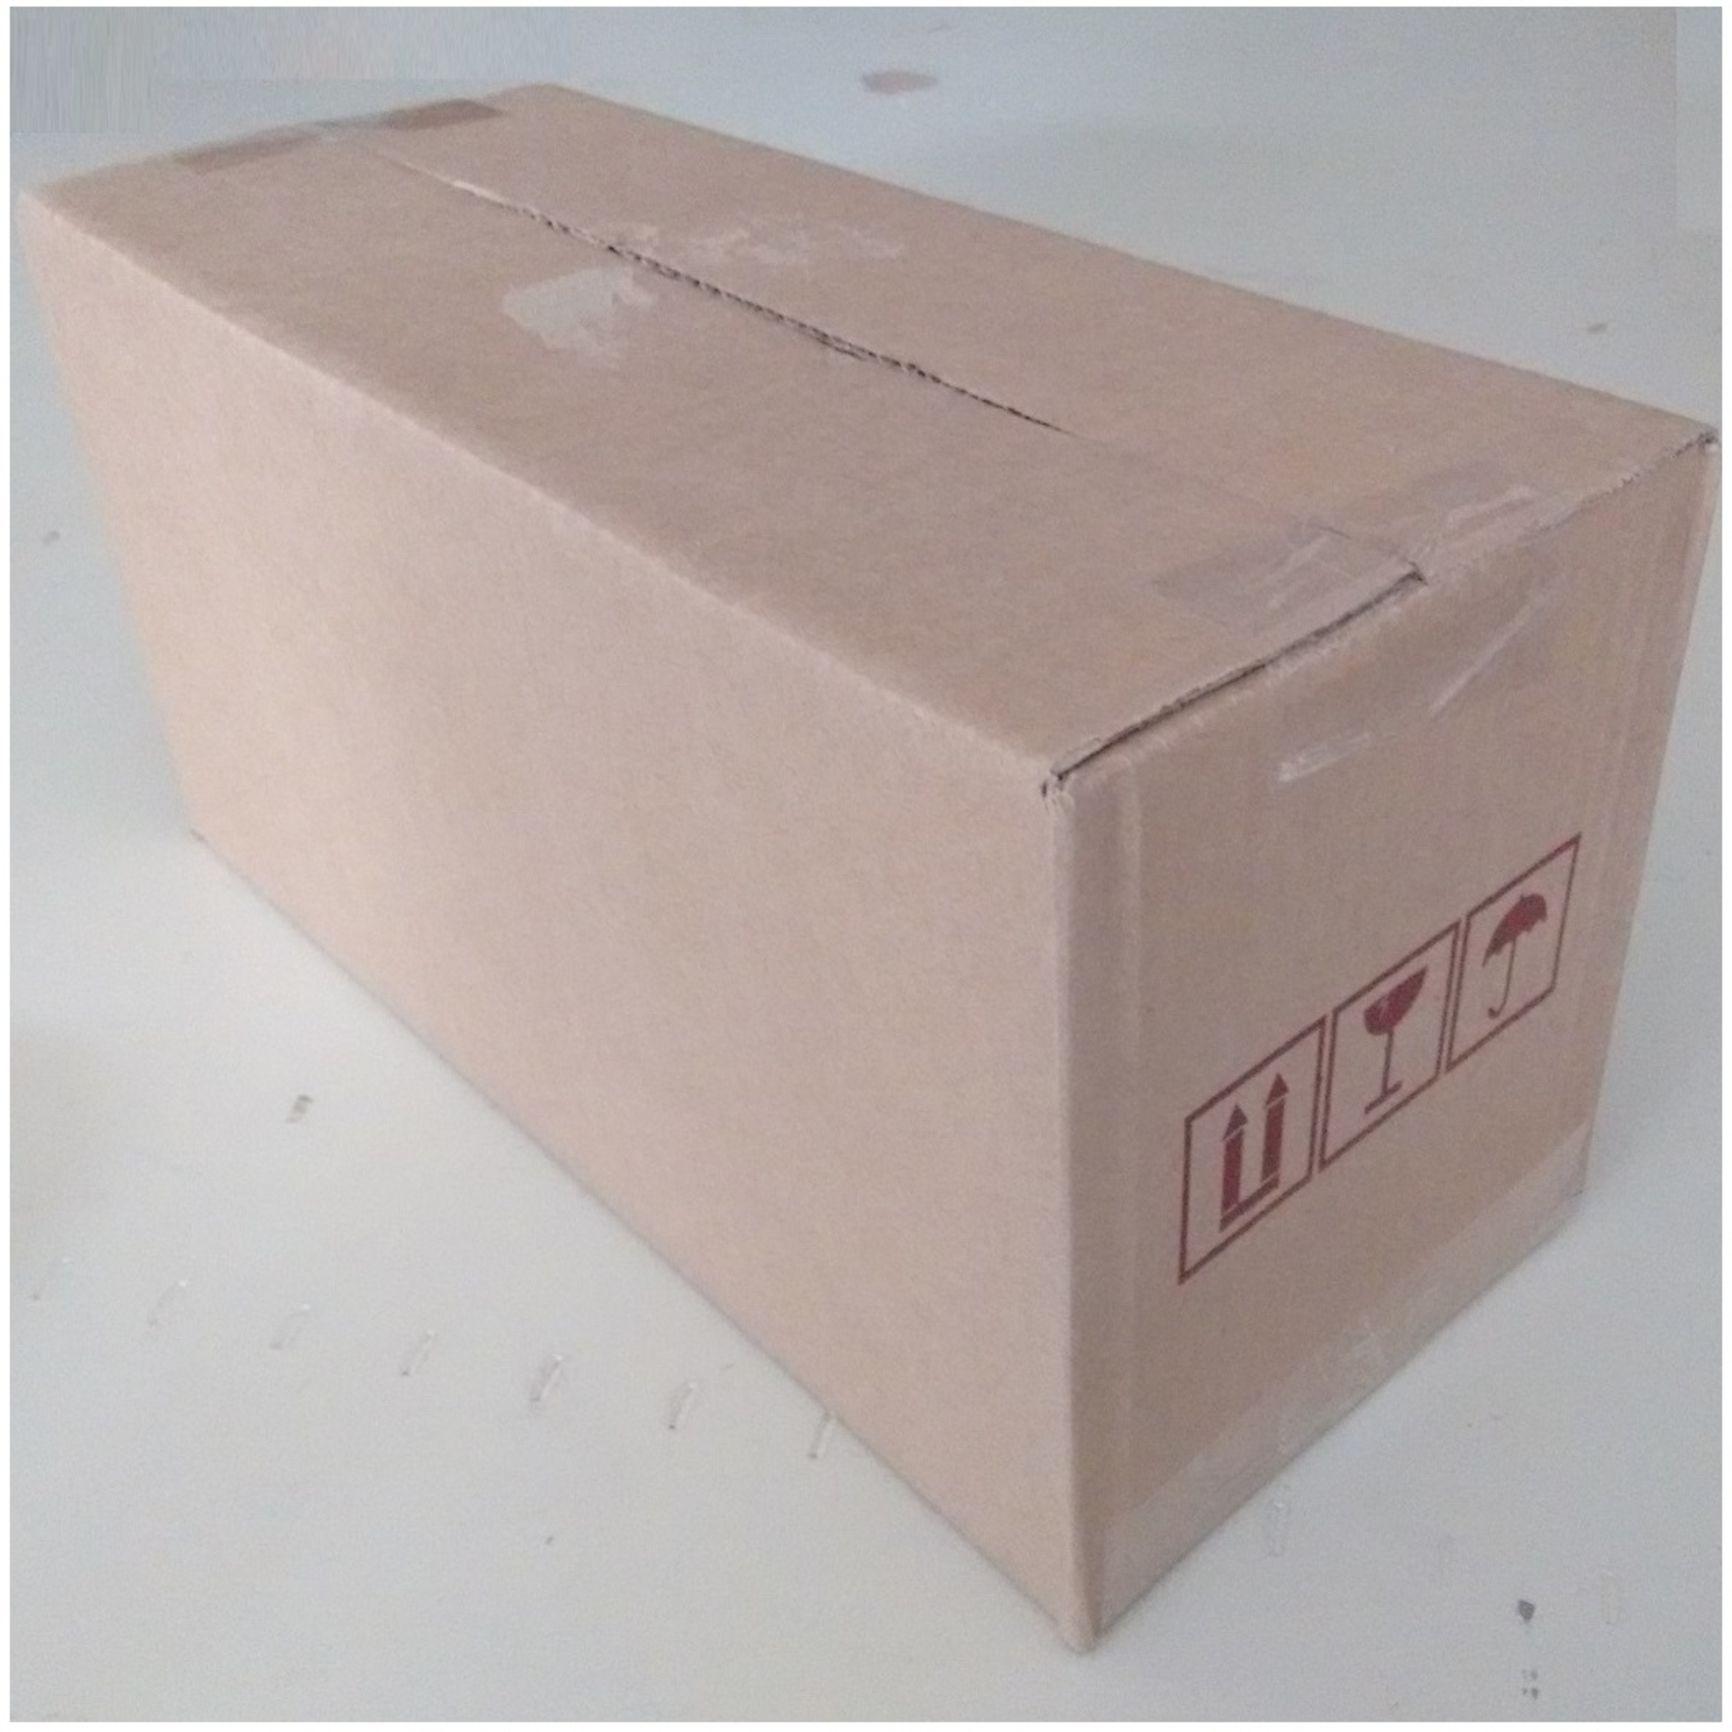 Kit 20 Caixa de Papelão para Correios Embalagem 33x13,5x16cm